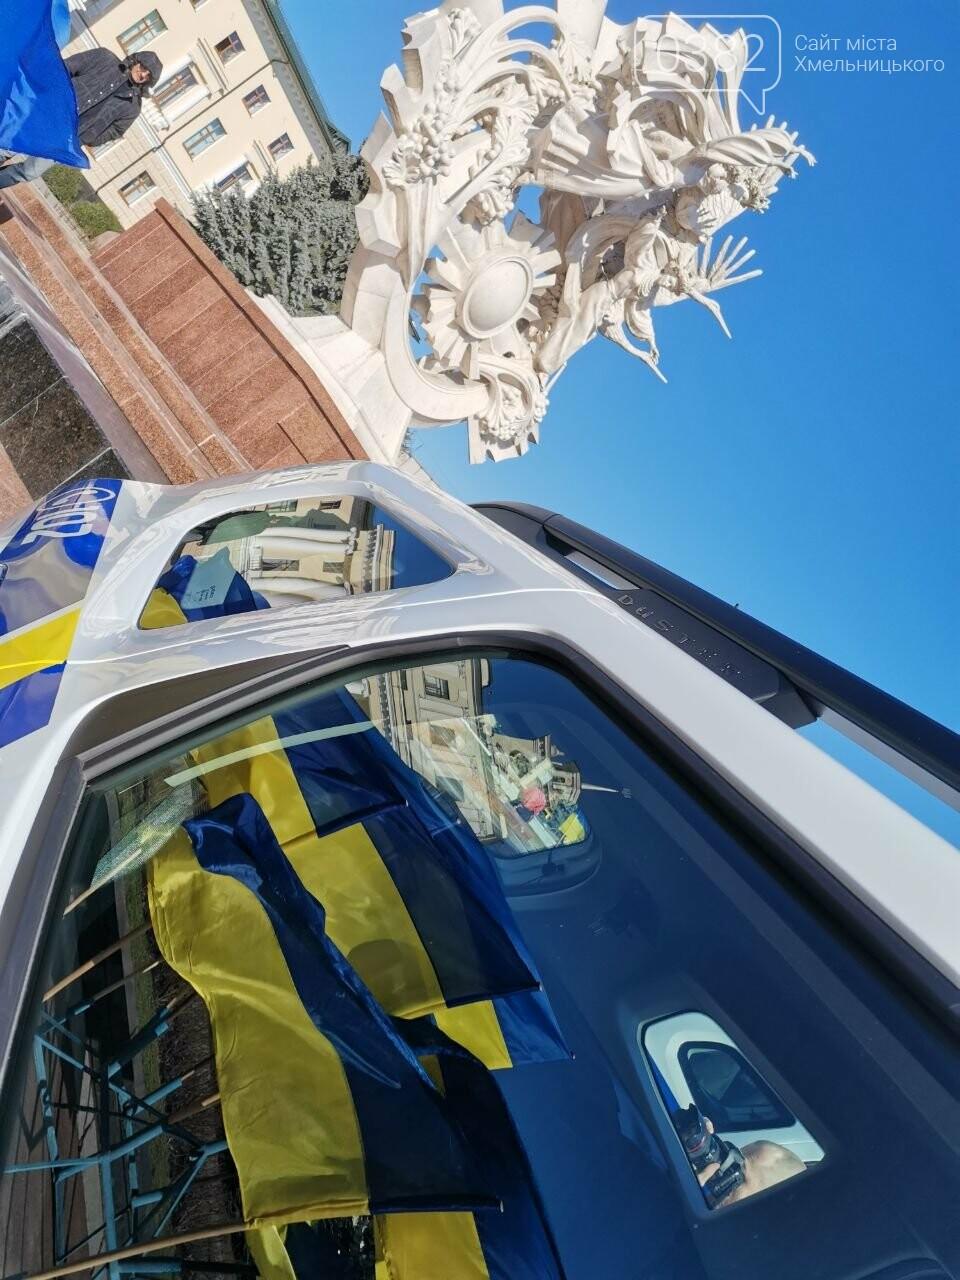 Хмельниччині вручили 43 поліцейських авто Renault Duster, фото-3